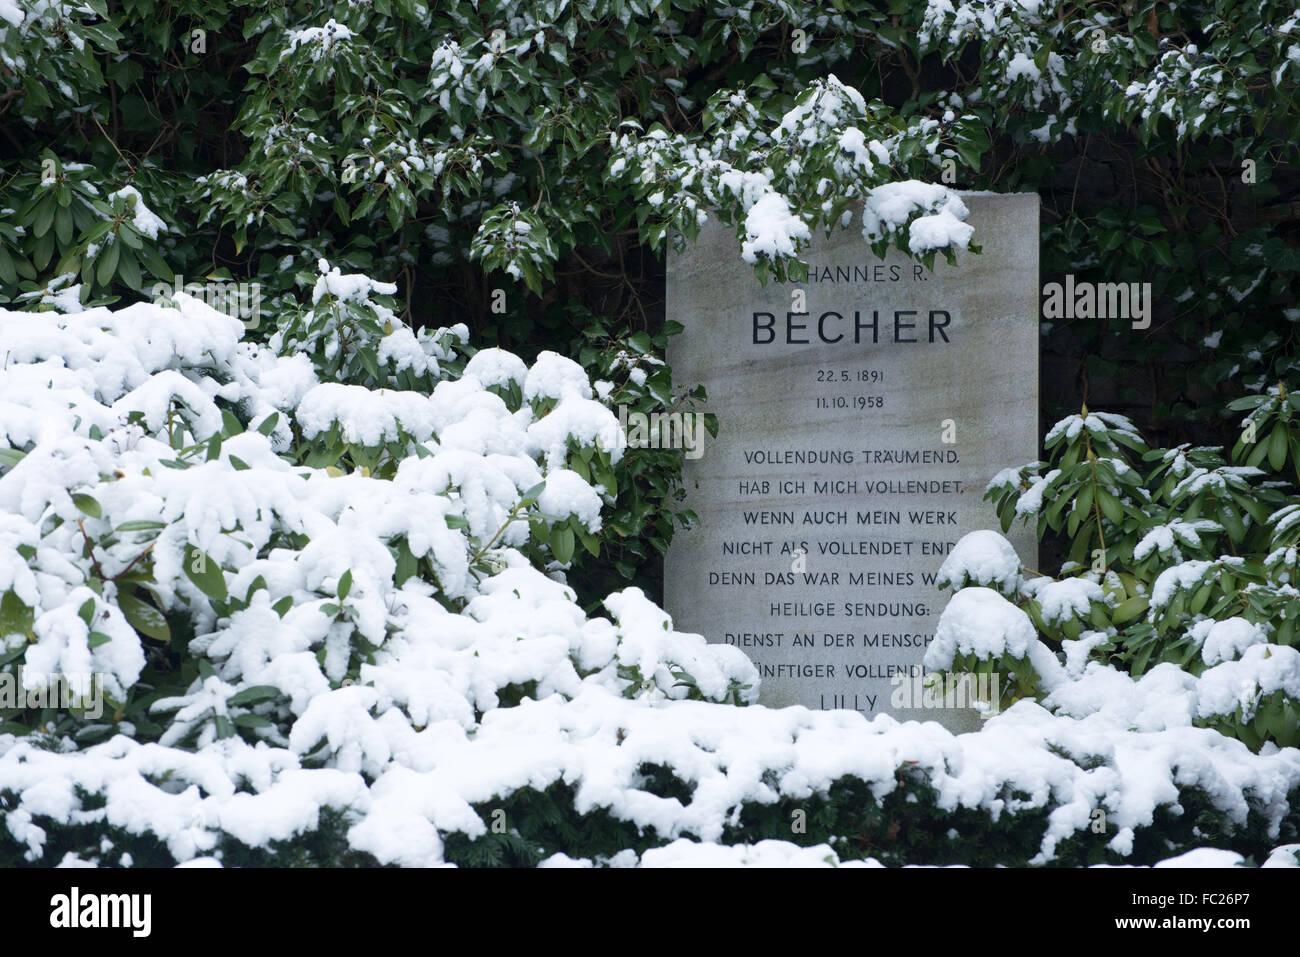 Dorotheenstadt cemetery Berlin, grave of Johannes R. Becher, Germany - Stock Image